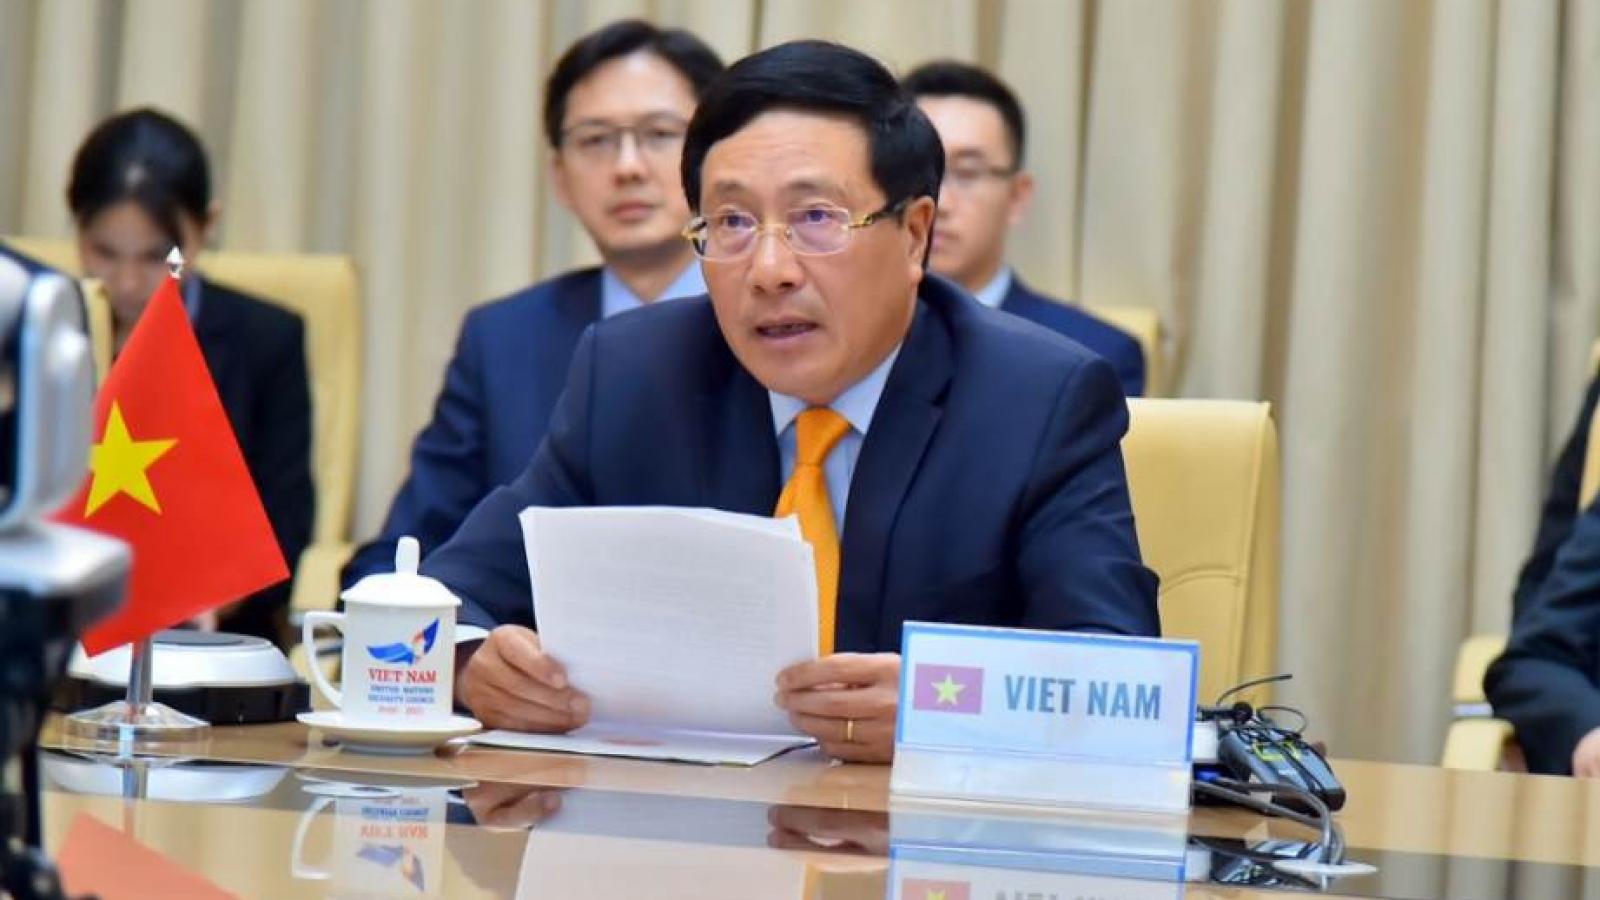 Toàn văn phát biểu của PTT Phạm Bình Minh tại phiên họp của HĐBA LHQ